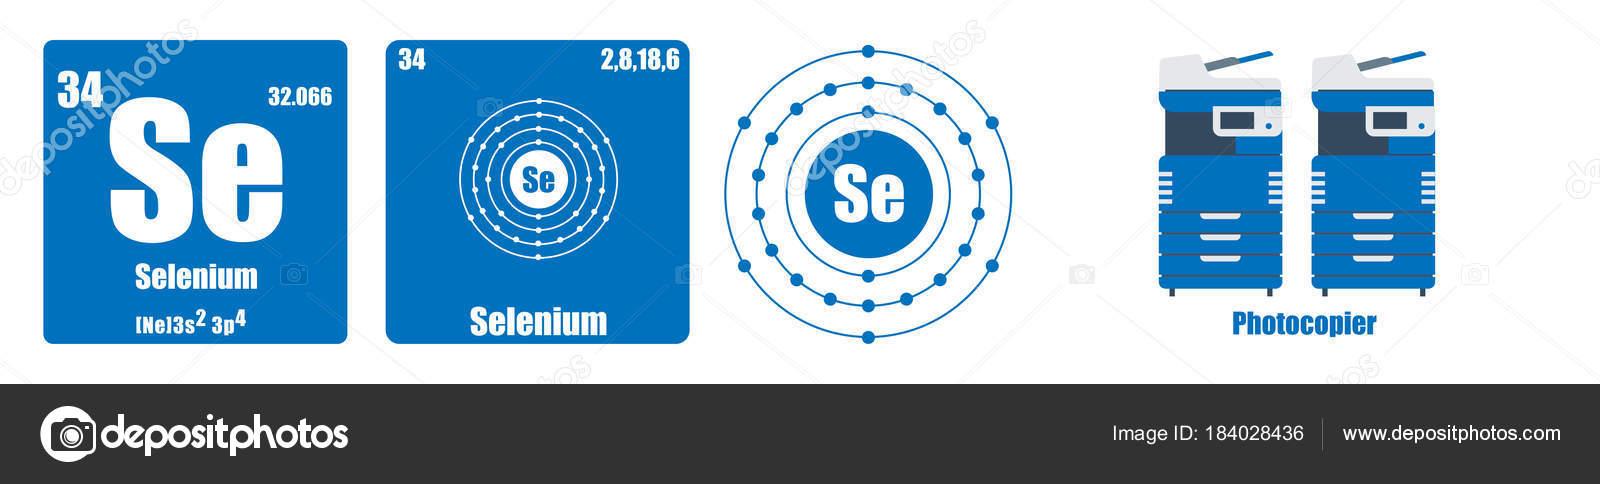 Grupo de tabla peridica del elemento selenio vi vector de stock grupo de tabla peridica del elemento selenio vi vector de stock urtaz Image collections